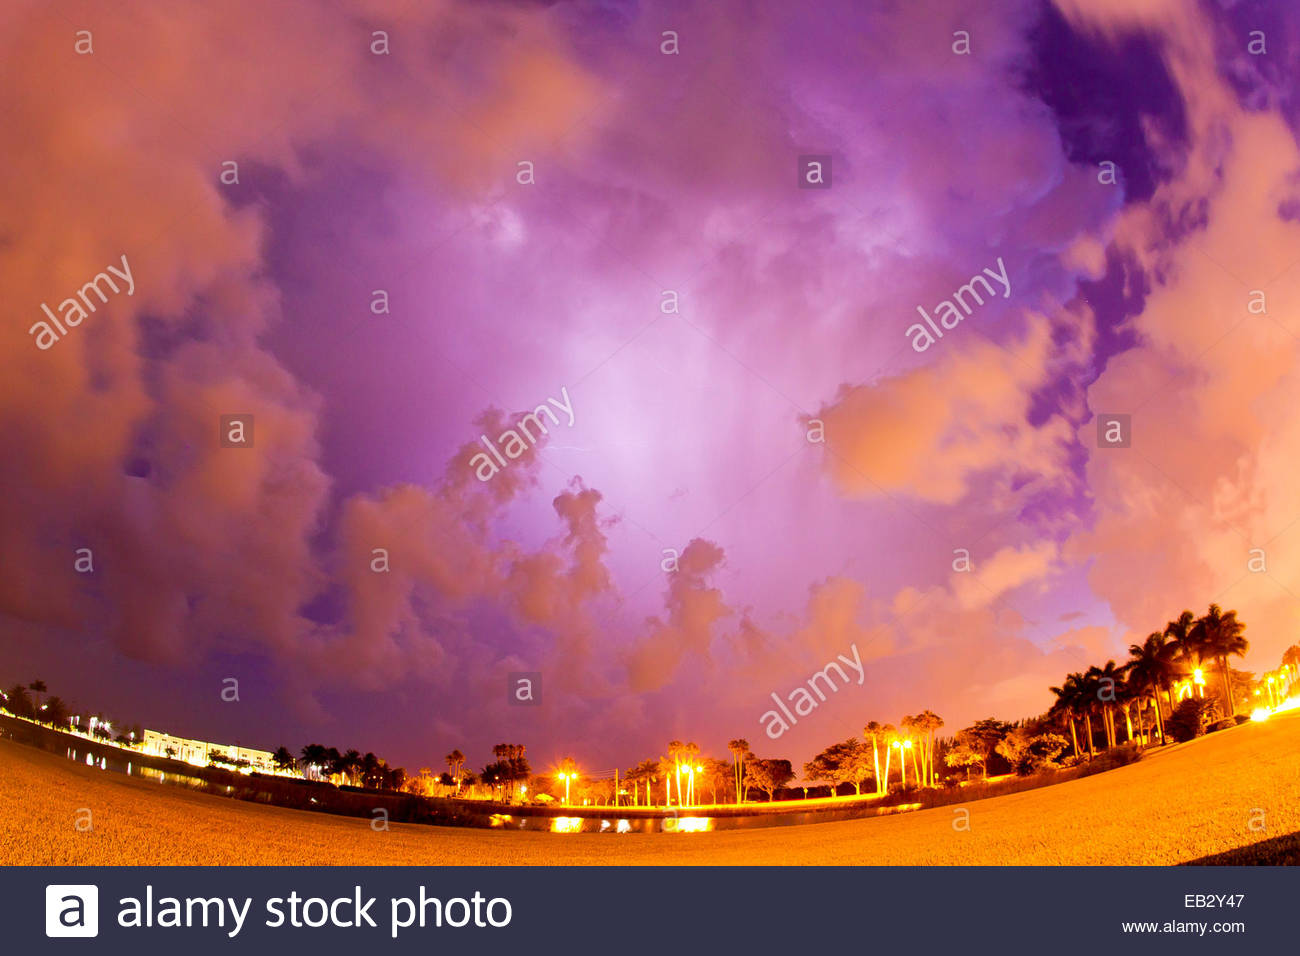 Fisheye-Objektiv auf ein Gewitter in der Nacht. Stockbild